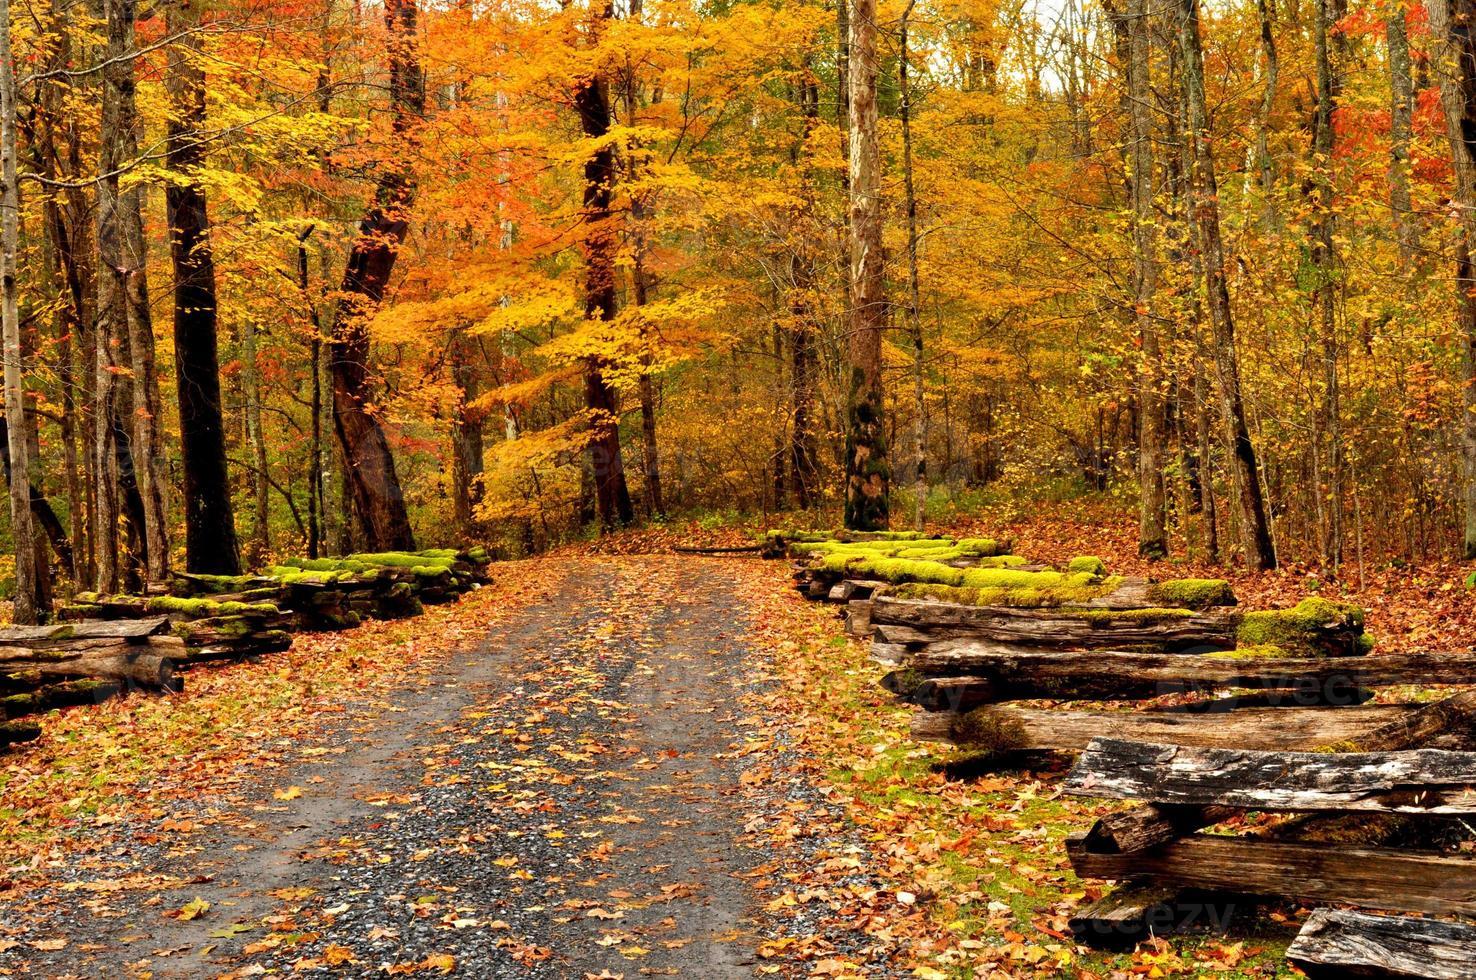 Im Herbst sind geteilte Zäune mit Moos bedeckt. foto